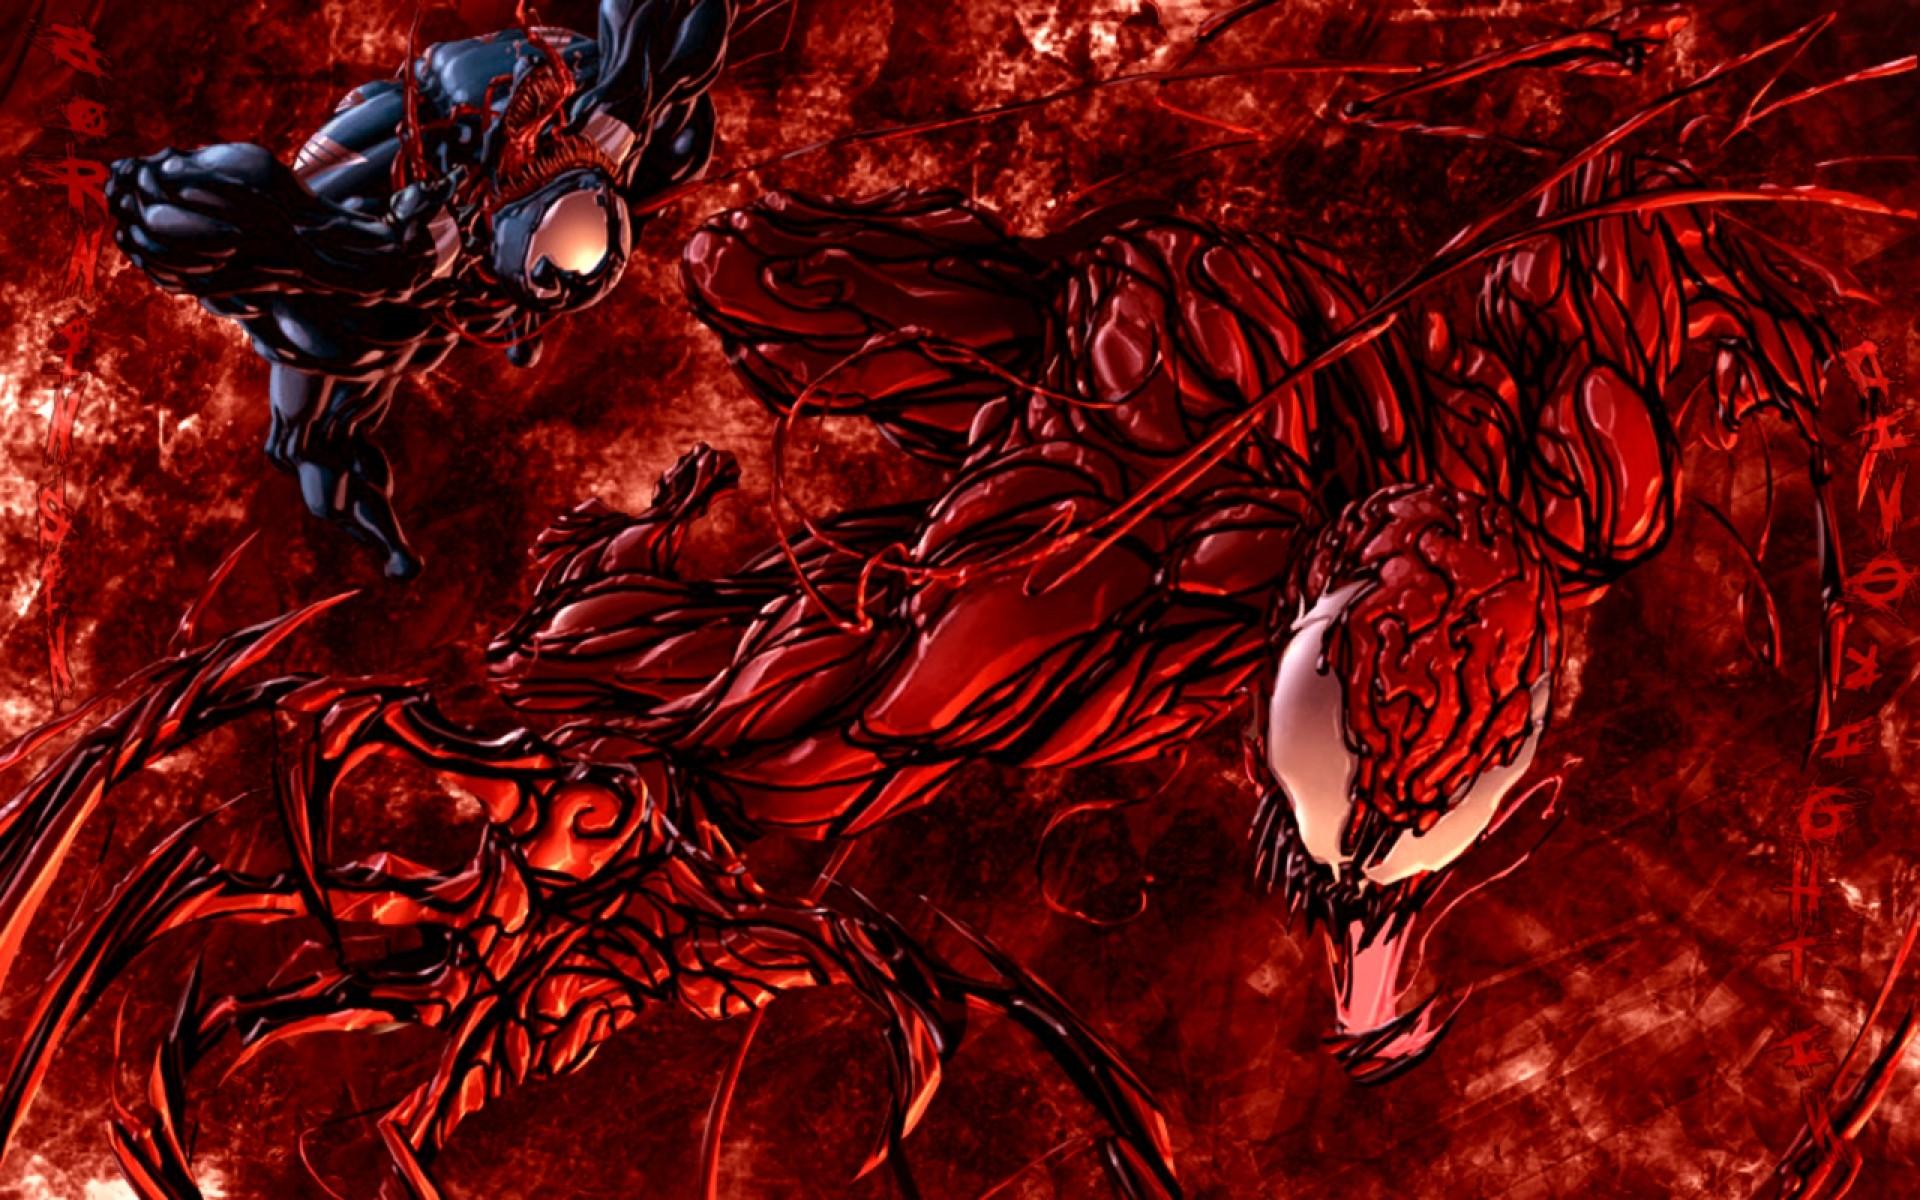 Carnage Wallpaper